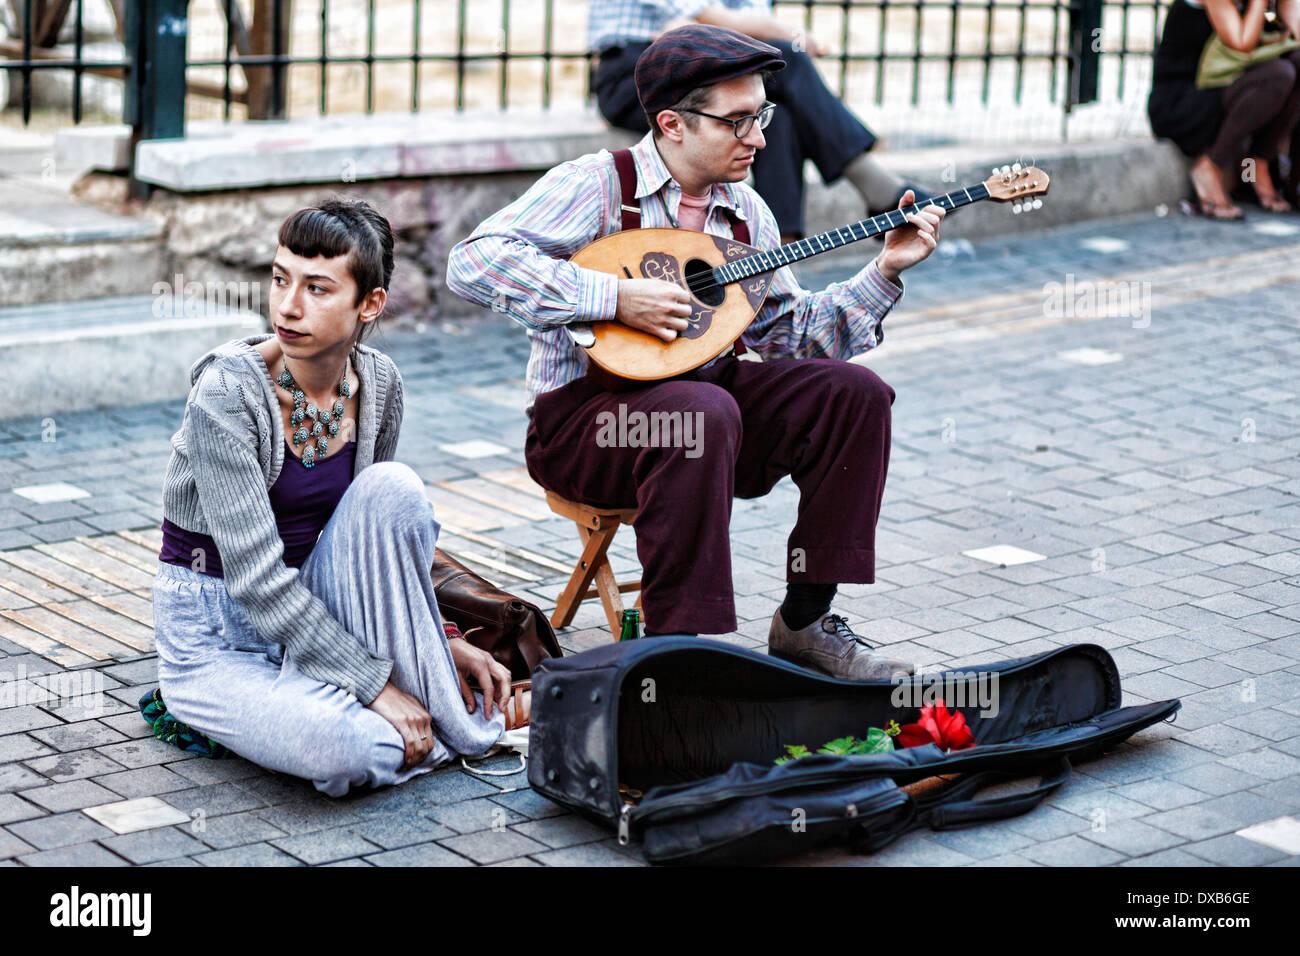 Musiker spielen Bouzouki in der Straße von Athen, Griechenland Stockbild